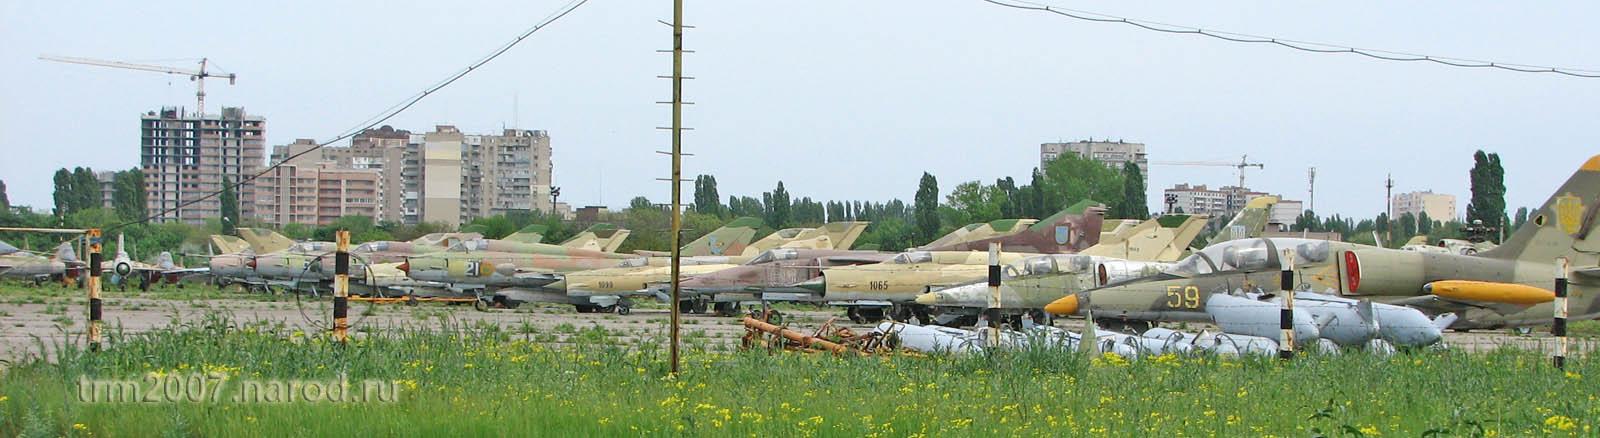 МИГ-21, Л-39 и МИГ-25 на стоянке Одесского Школьного аэродрома